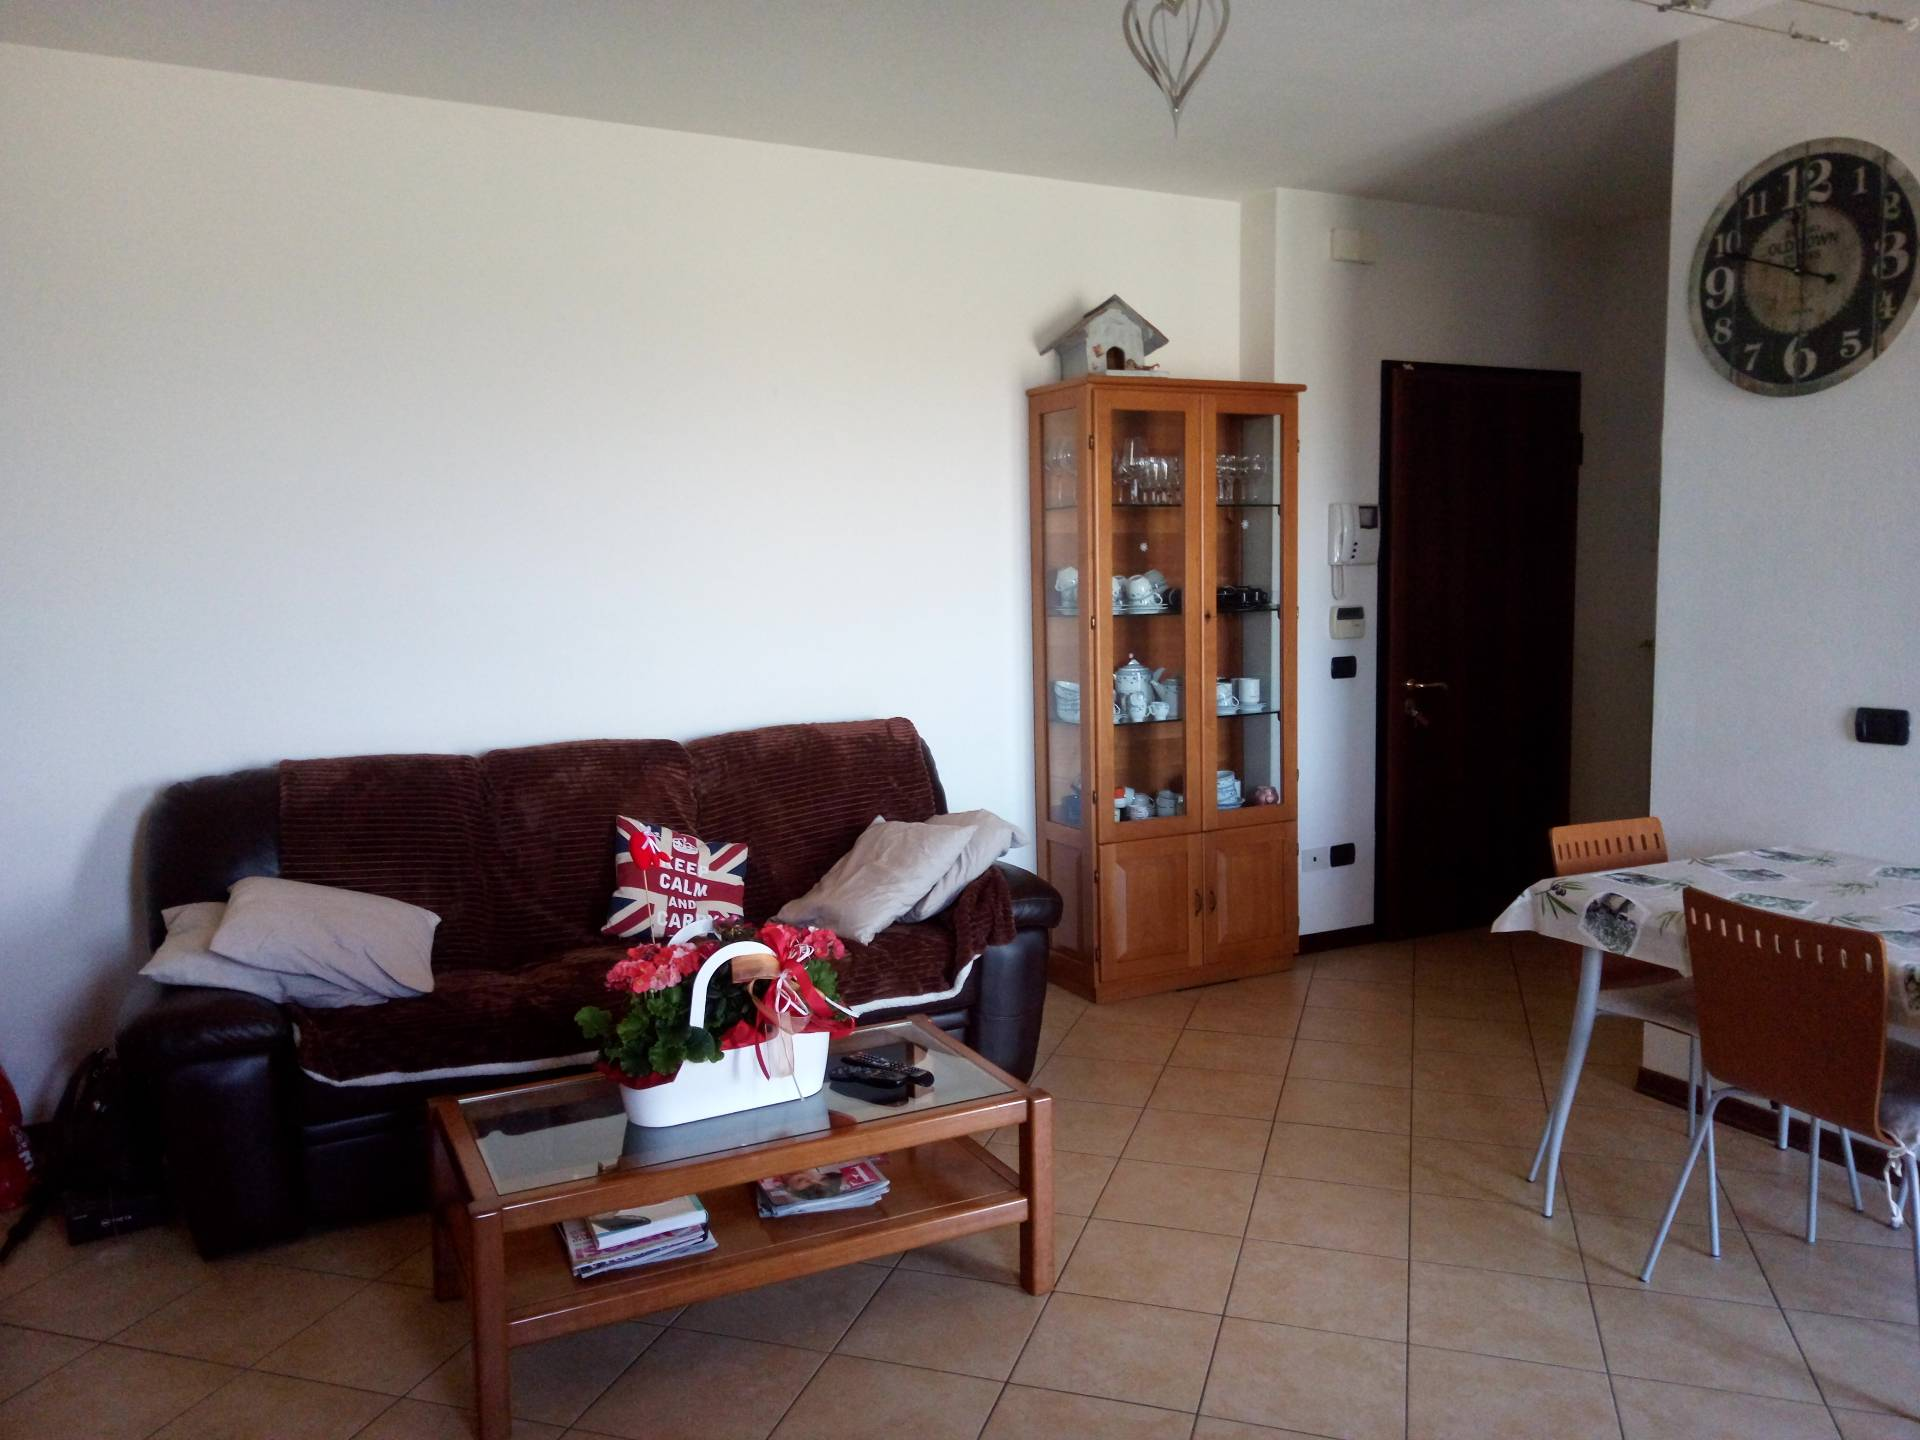 Appartamento in vendita a Carbonera, 5 locali, zona Zona: Mignagola, prezzo € 120.000 | Cambio Casa.it